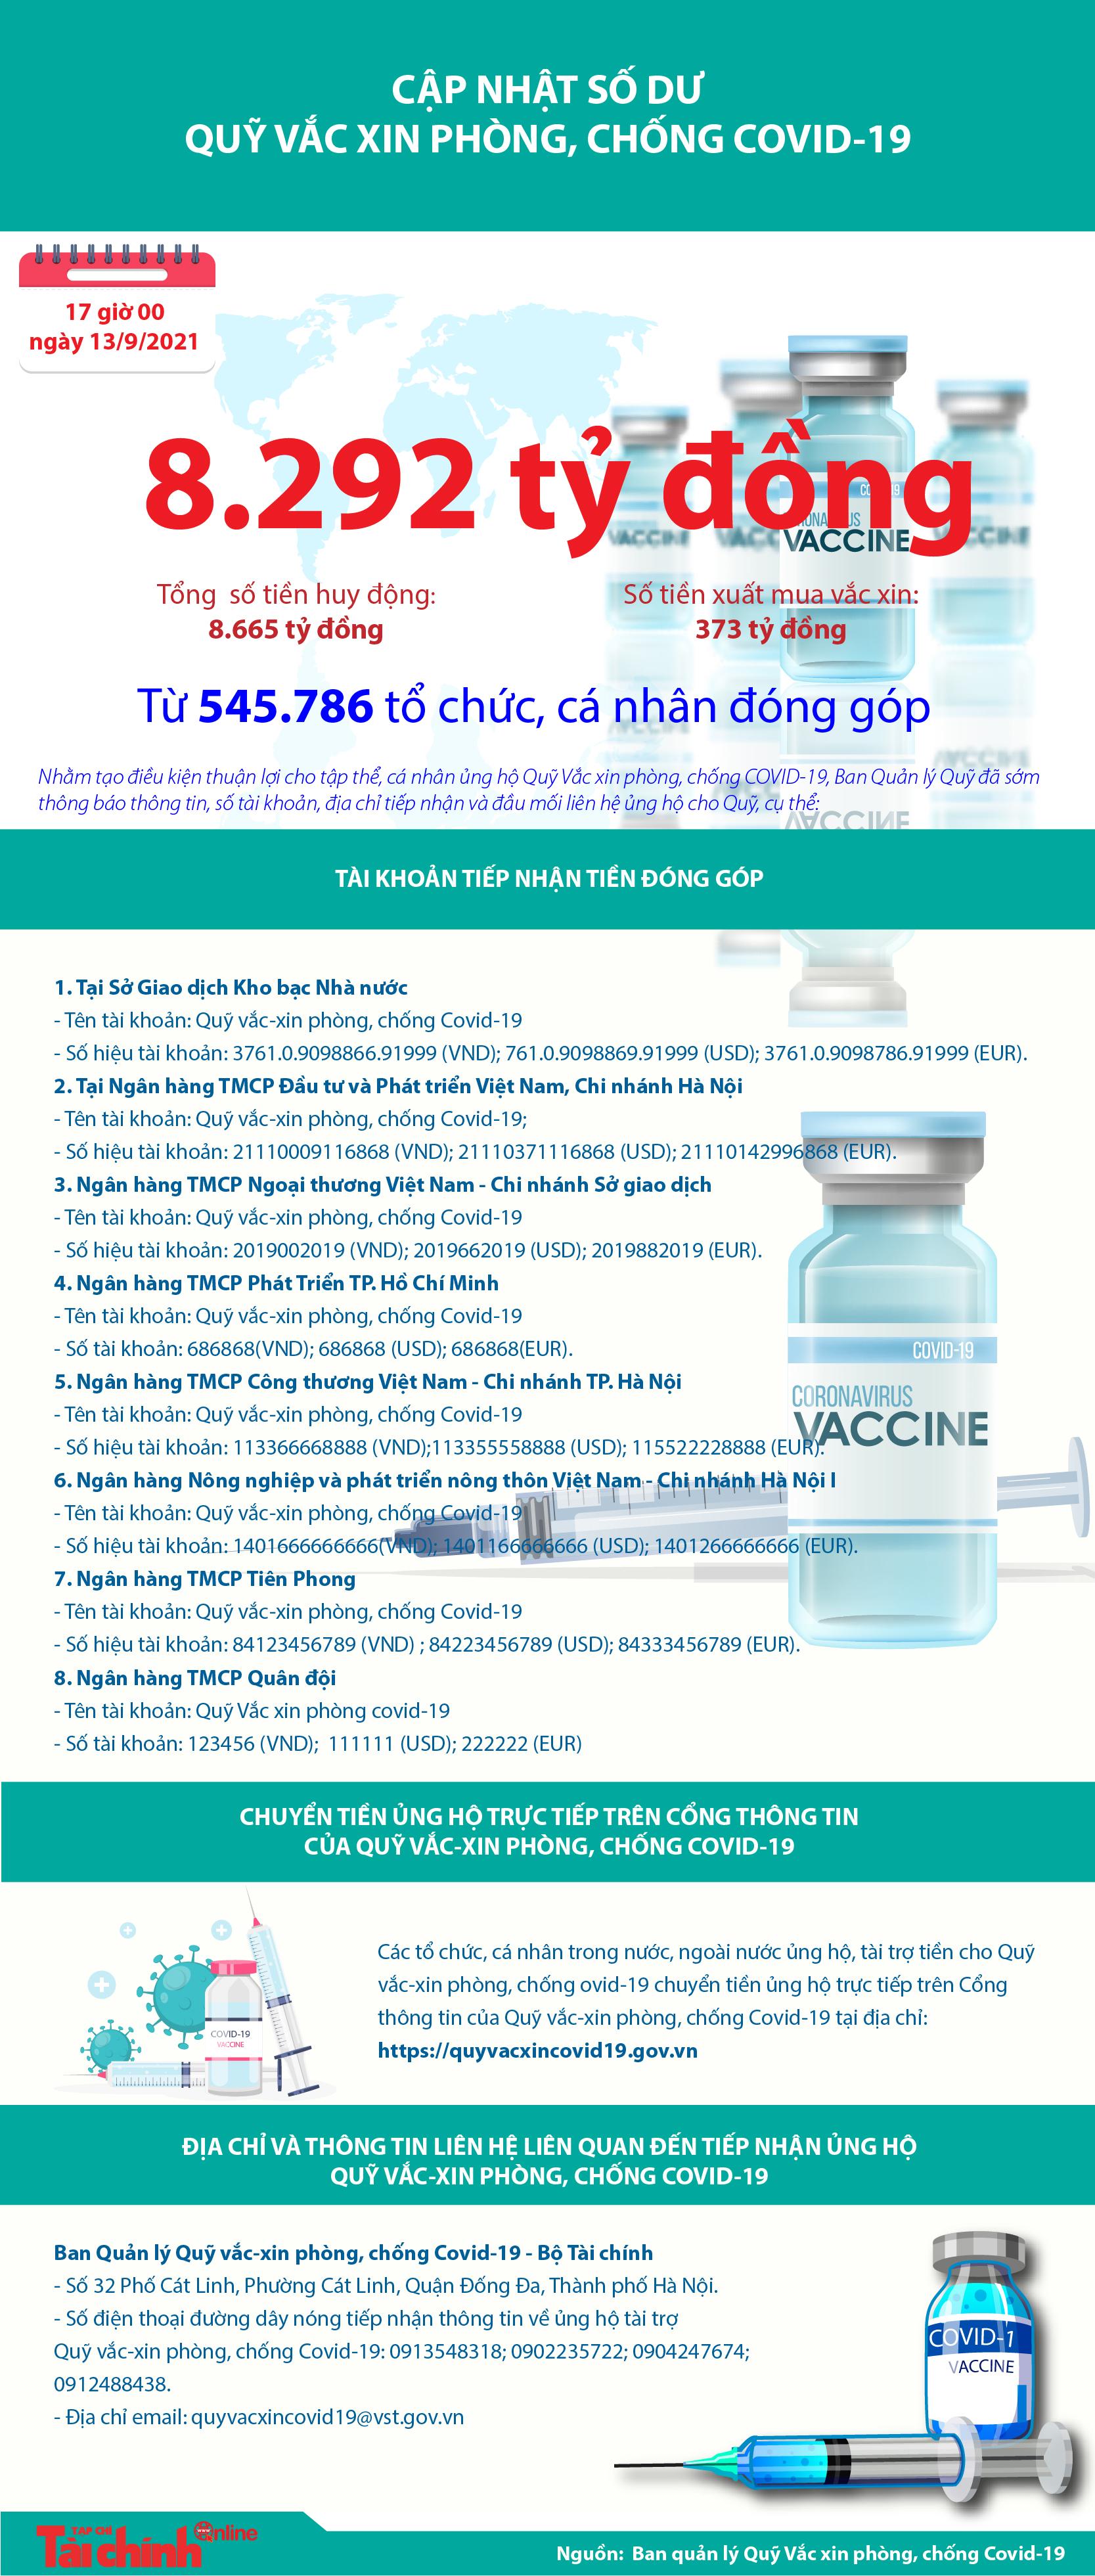 [Infographics] Quỹ Vắc xin phòng, chống COVID-19 còn dư 8.292 tỷ đồng - Ảnh 1